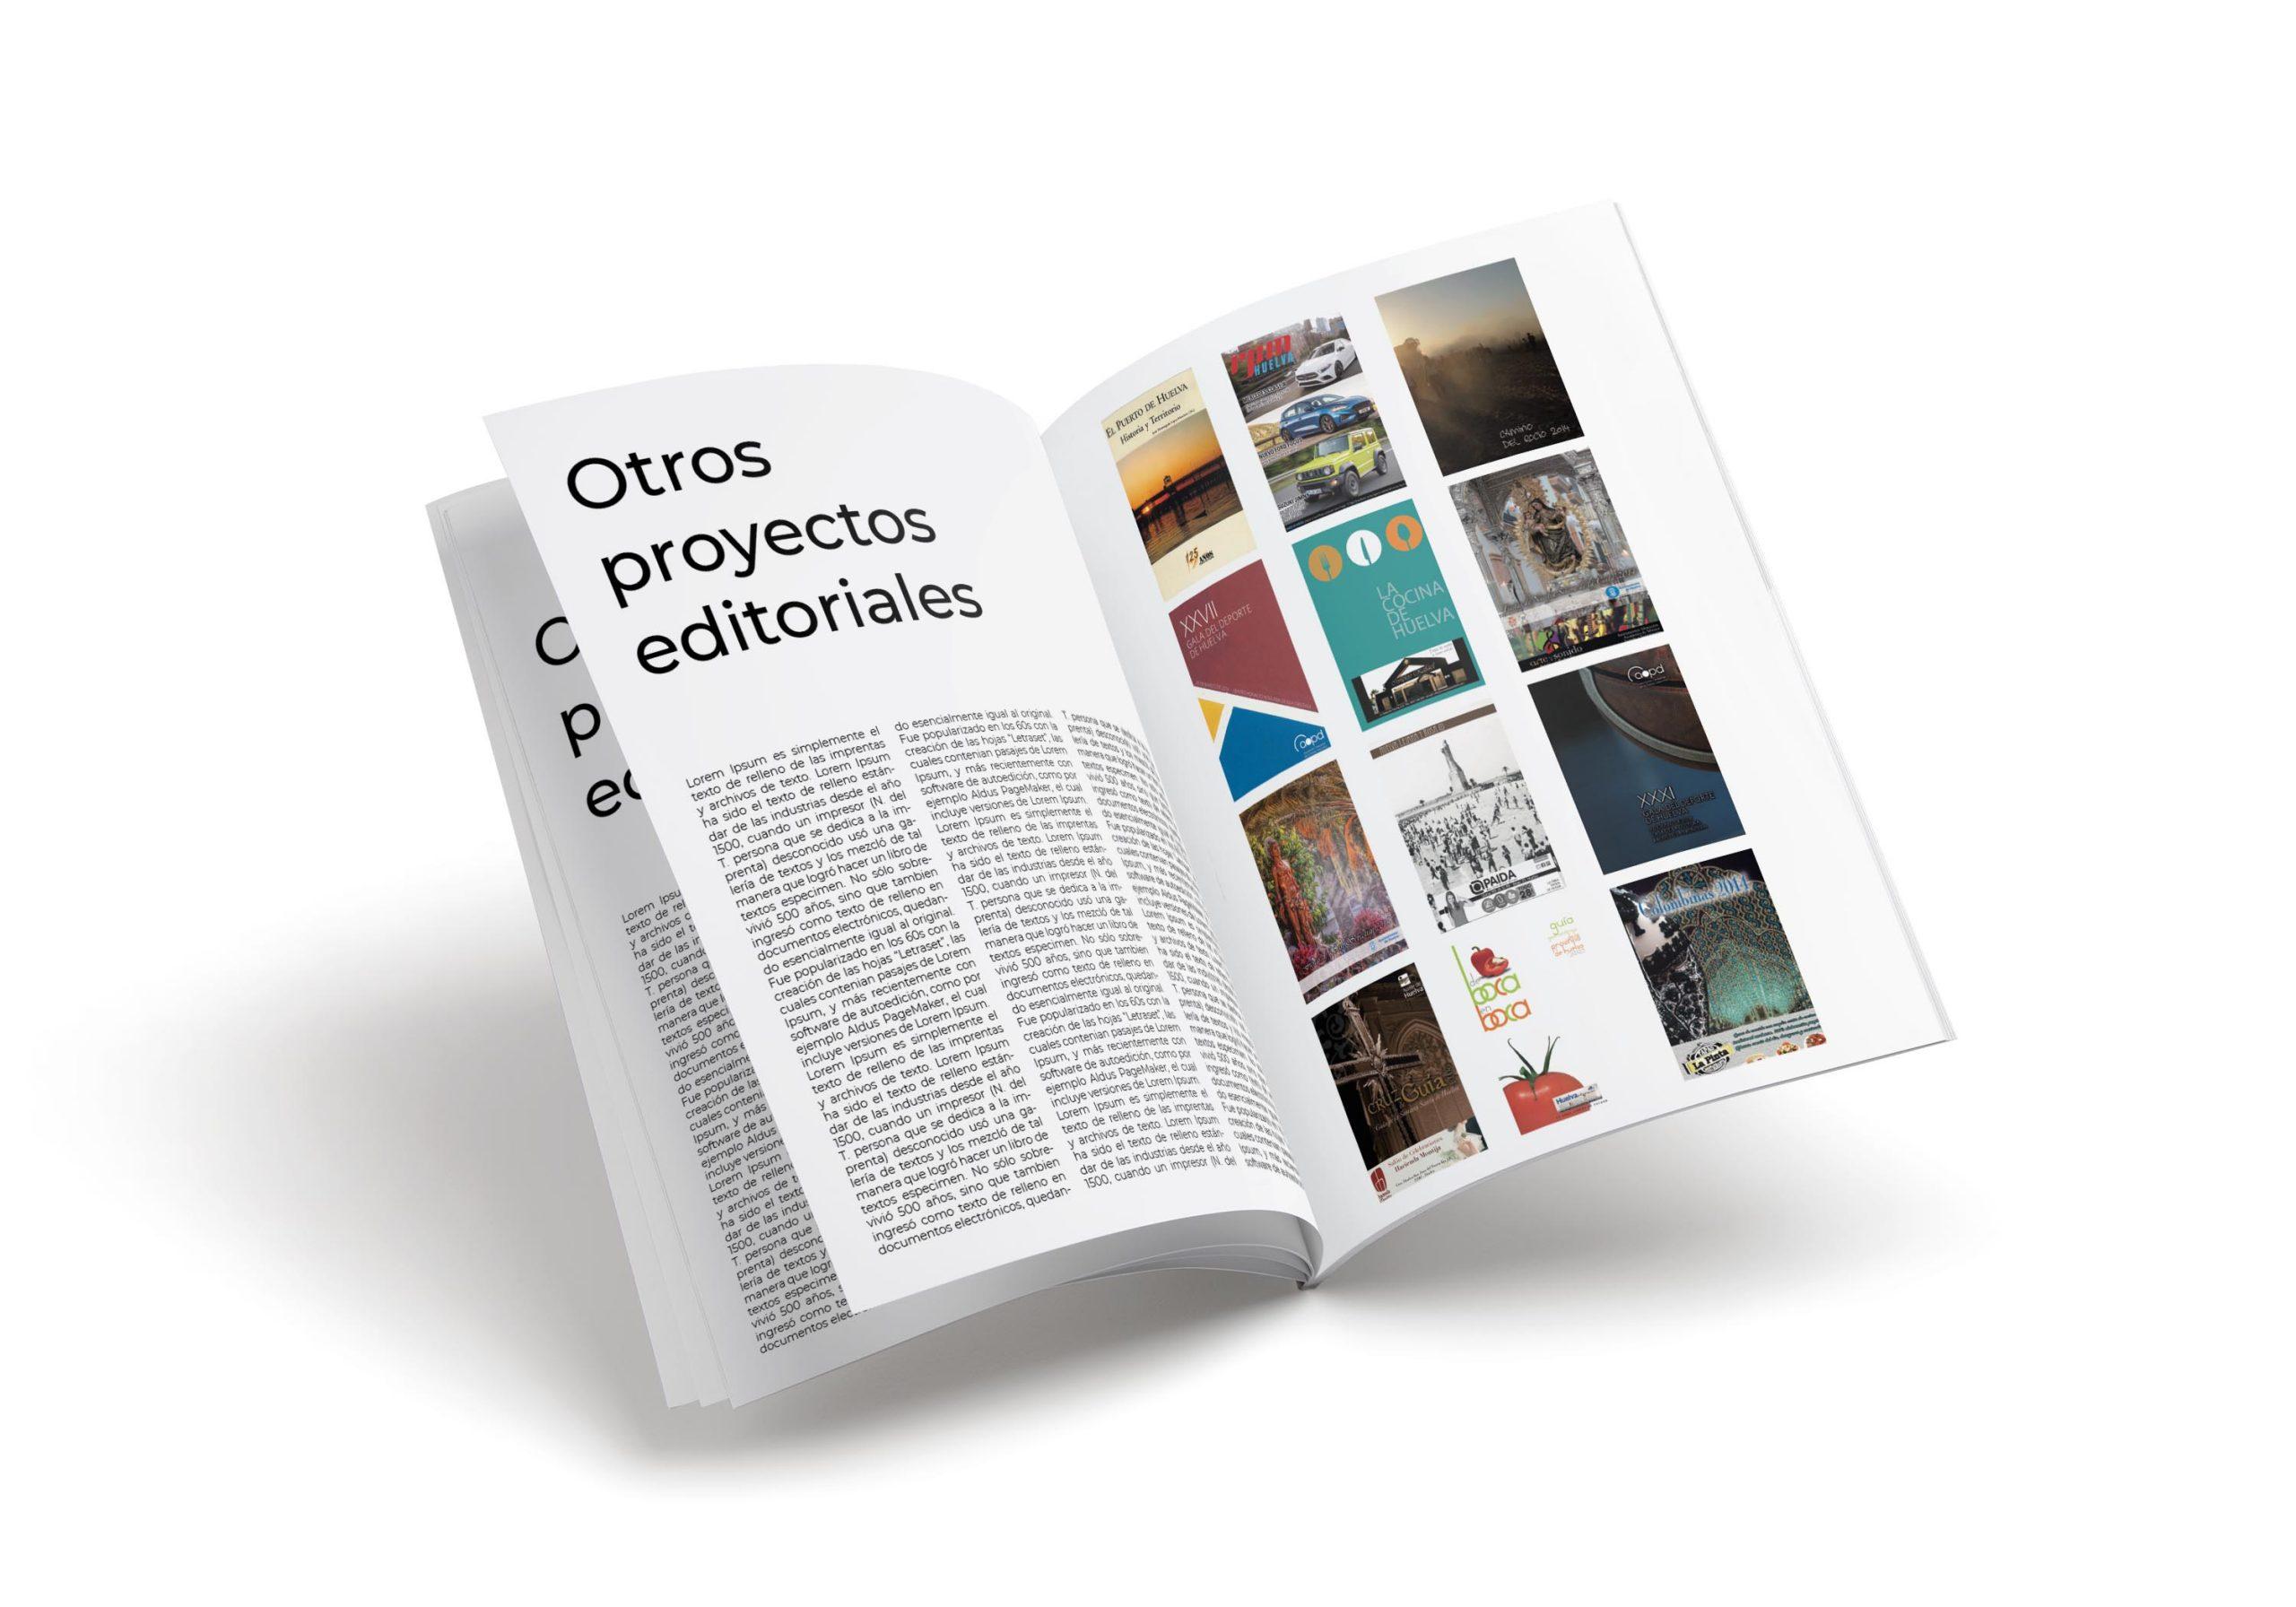 Otros proyectos editoriales